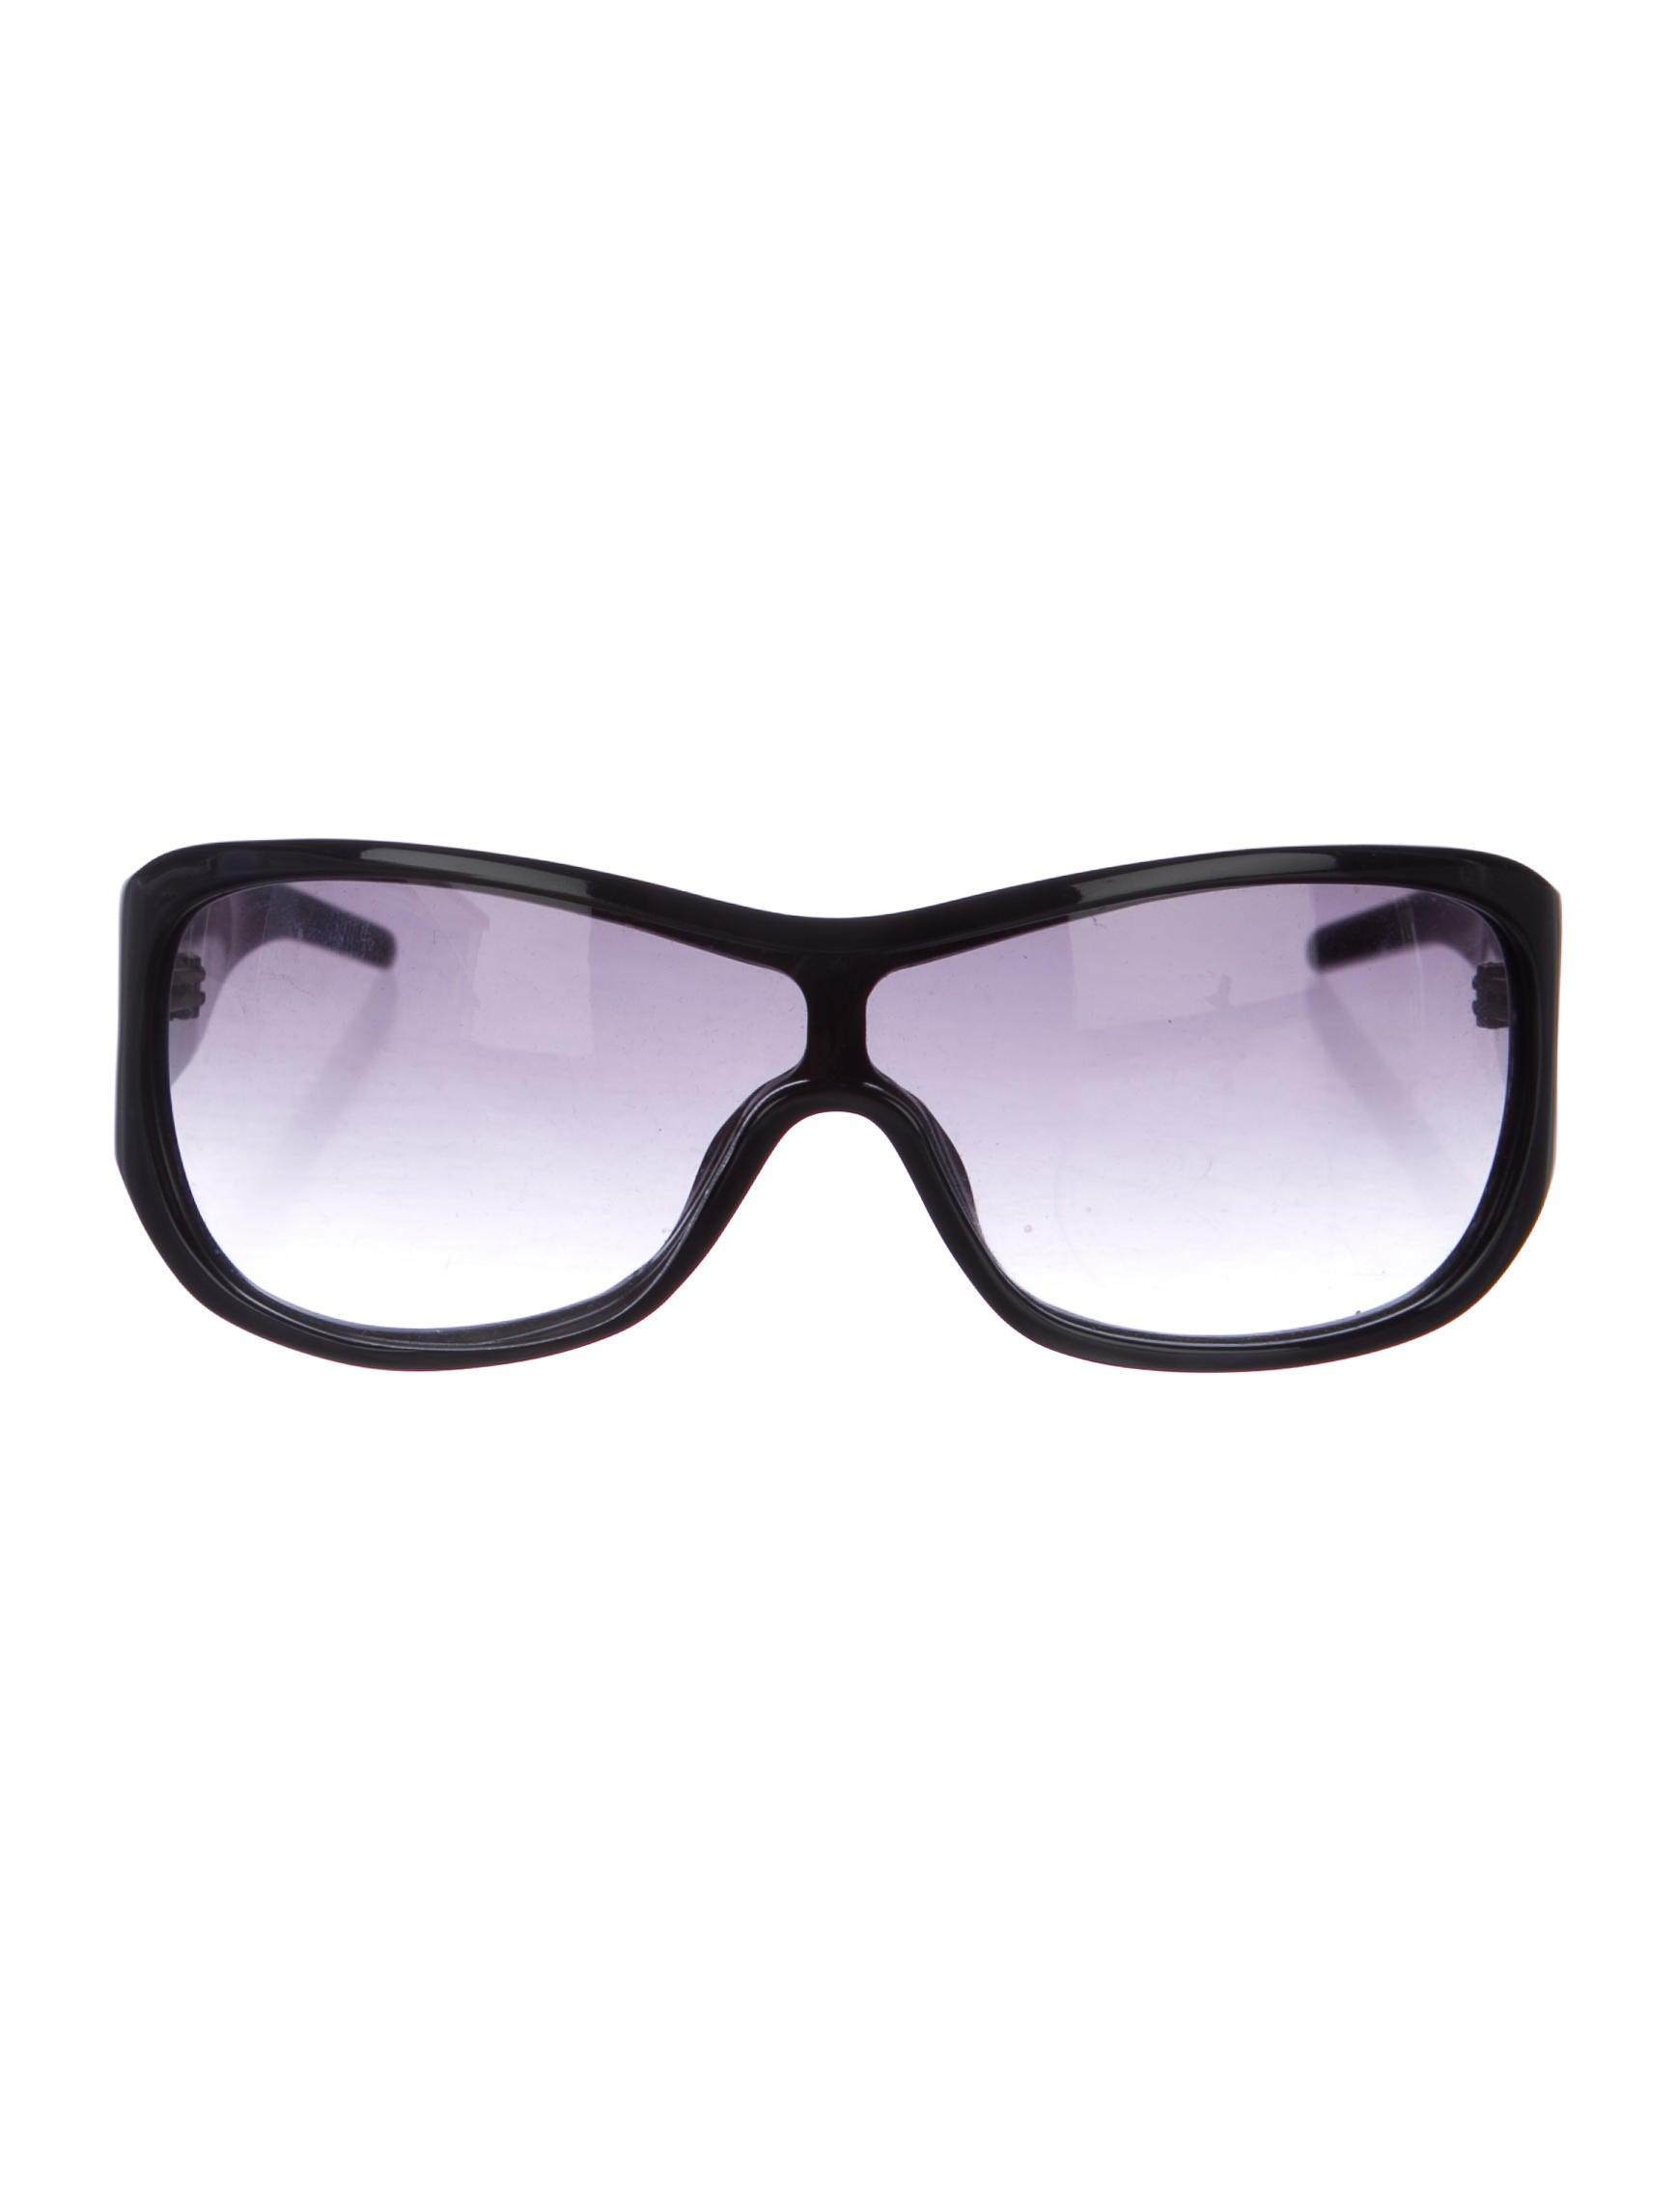 fa4432bc8c7 Burberry Sunglasses Case For Women